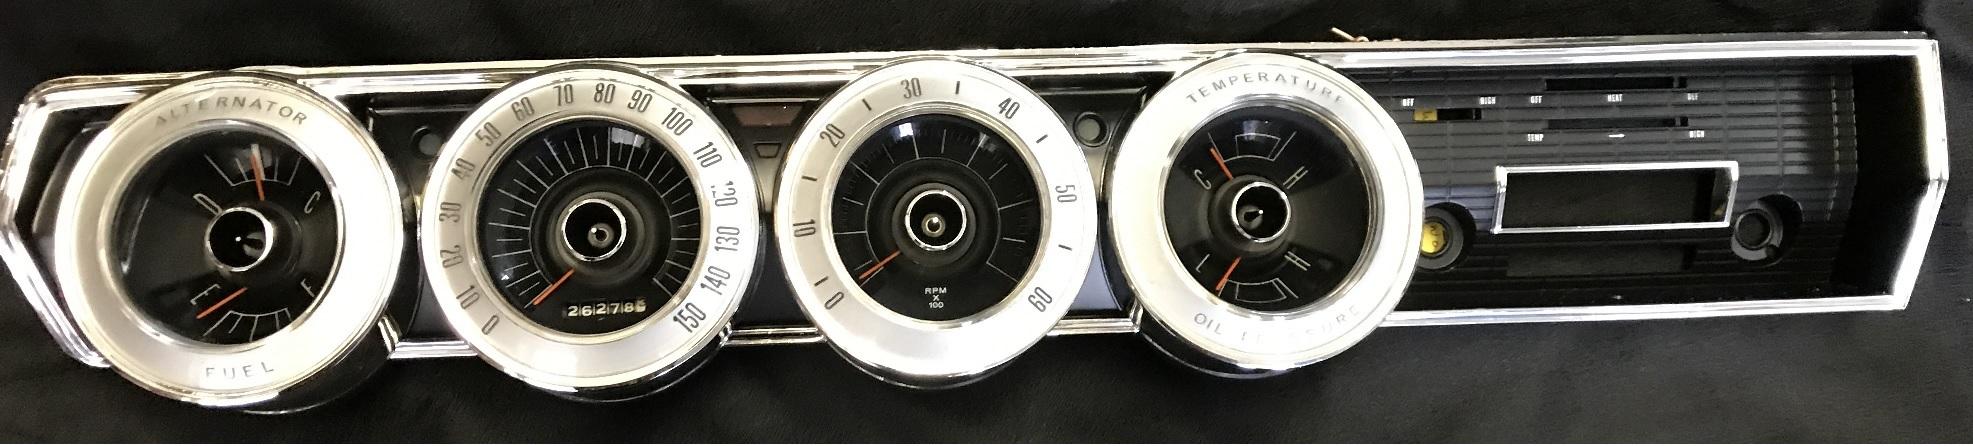 Dodge Charger List >> 1966 1967 Dodge Charger Electroluminescent gauges ...